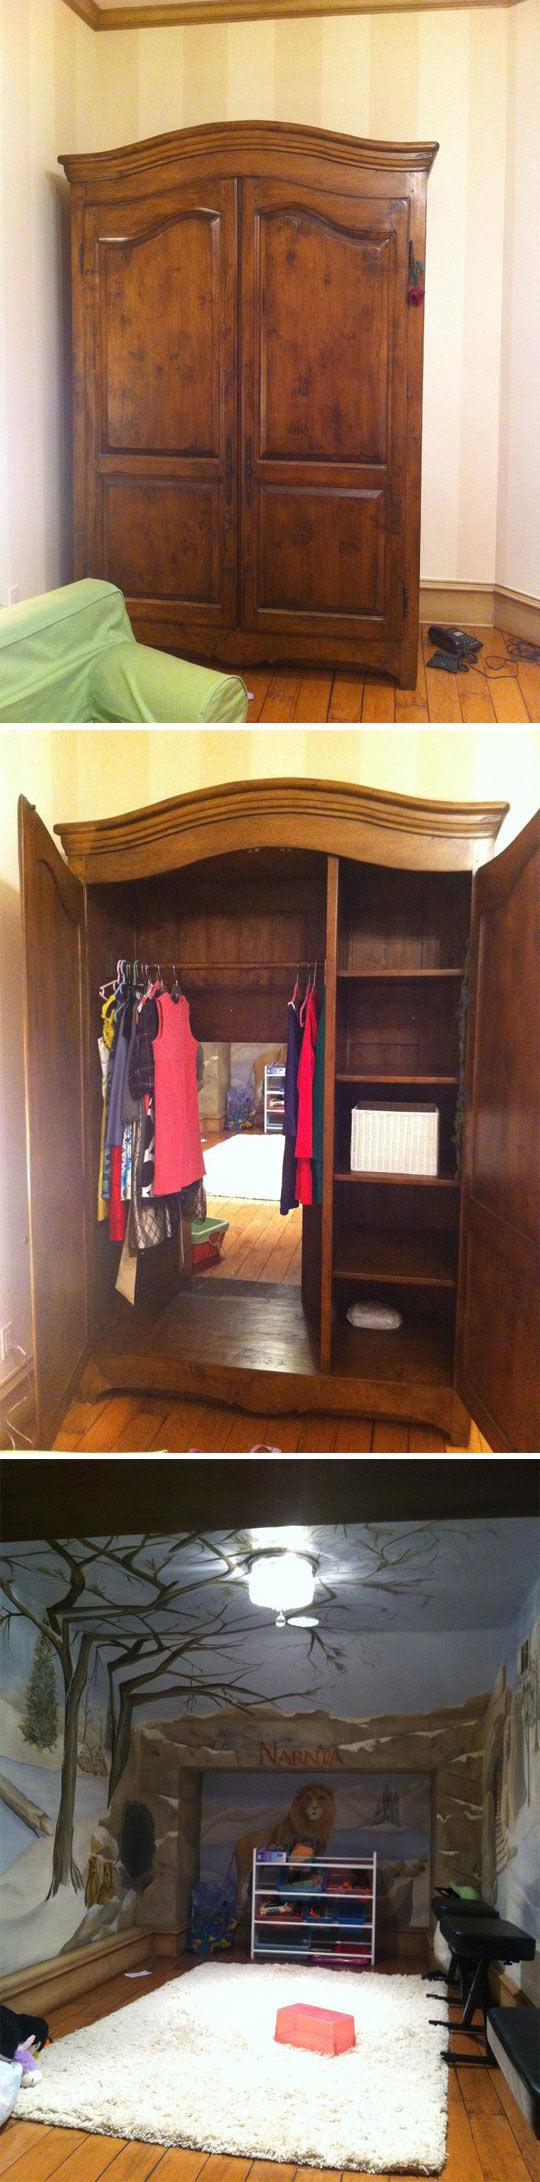 funny-wardrobe-Narnia-kids-secret